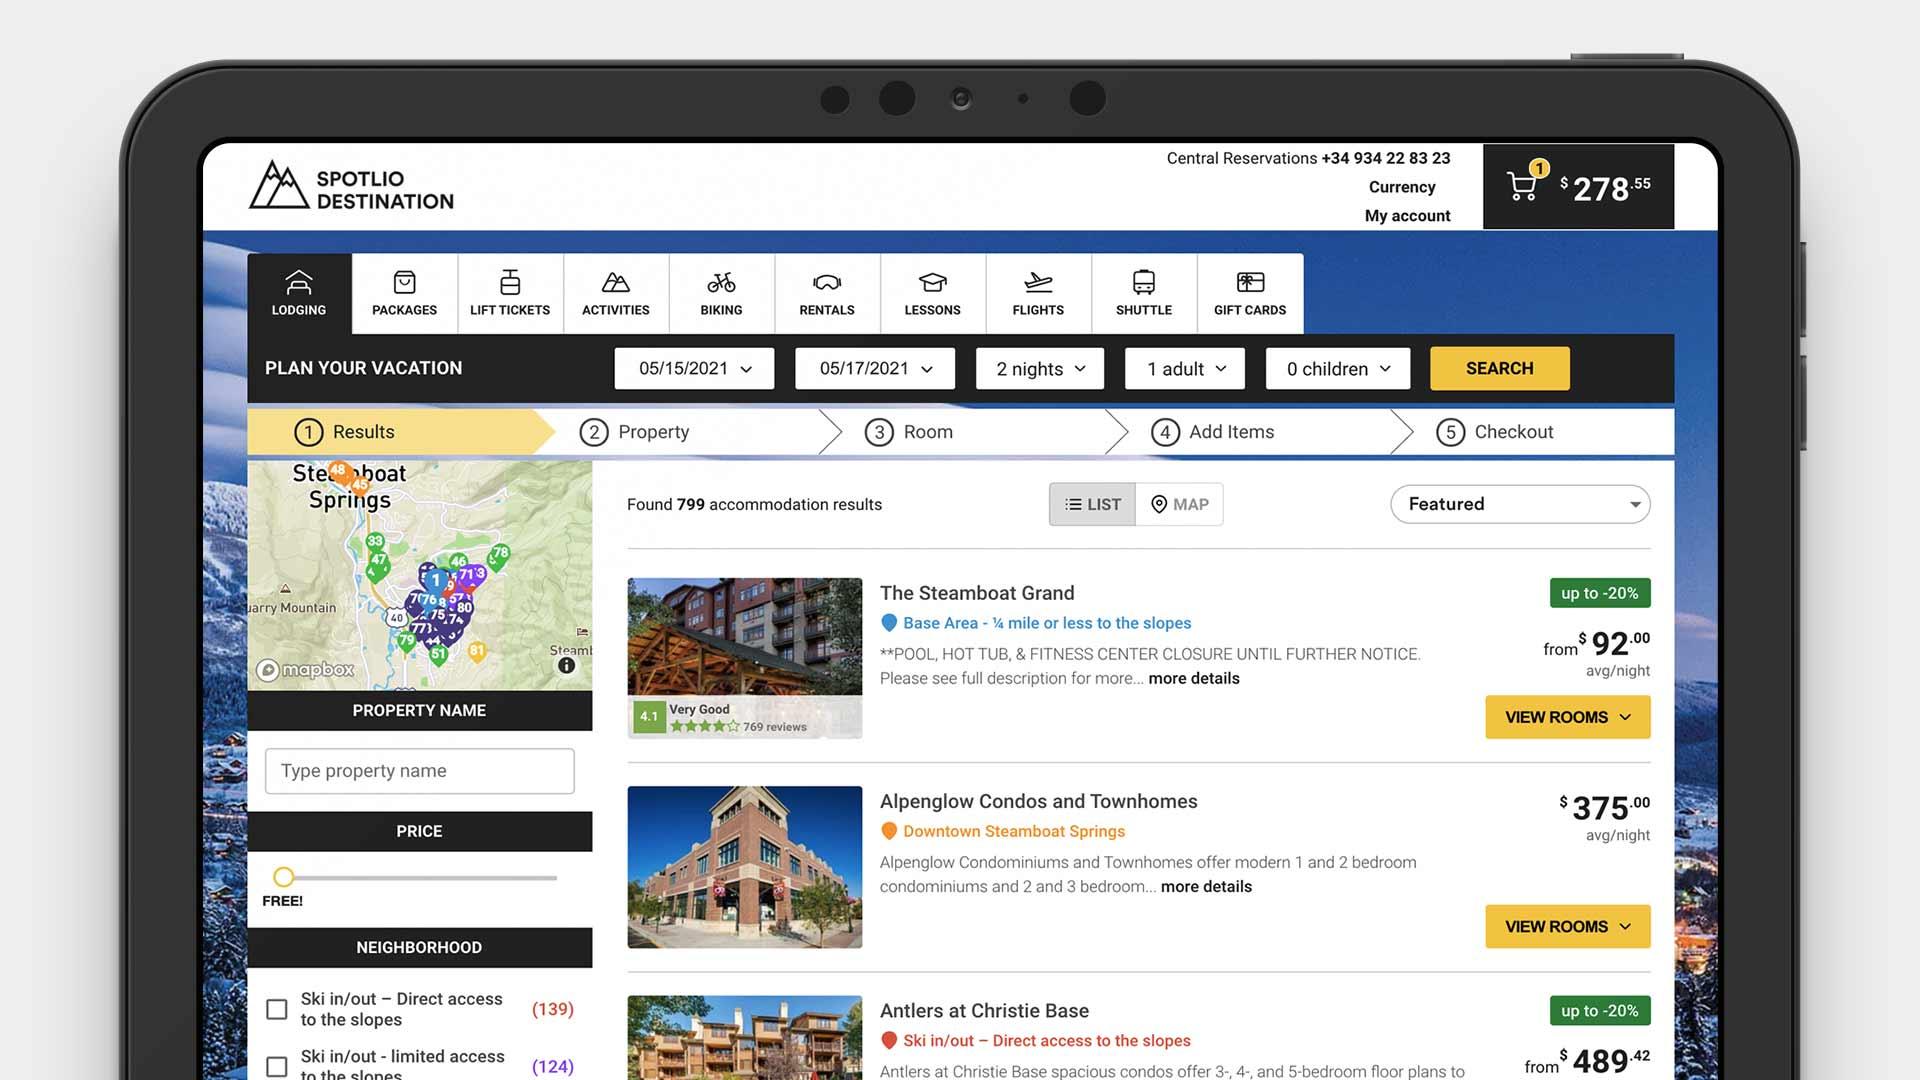 online-booking-reservation-system-solution-mobile-app-destination